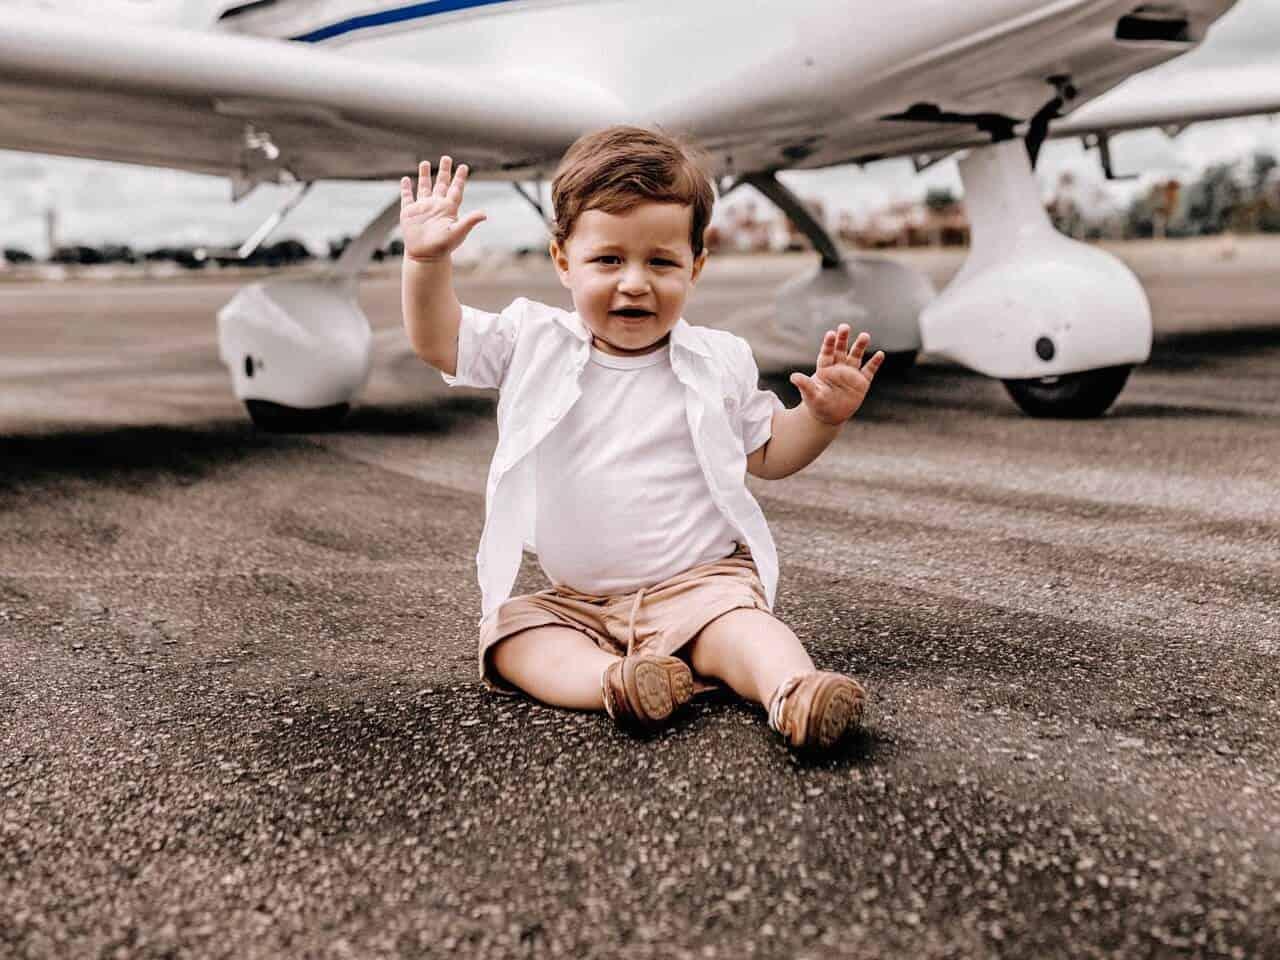 viajar_en_avion_con_un_bebe